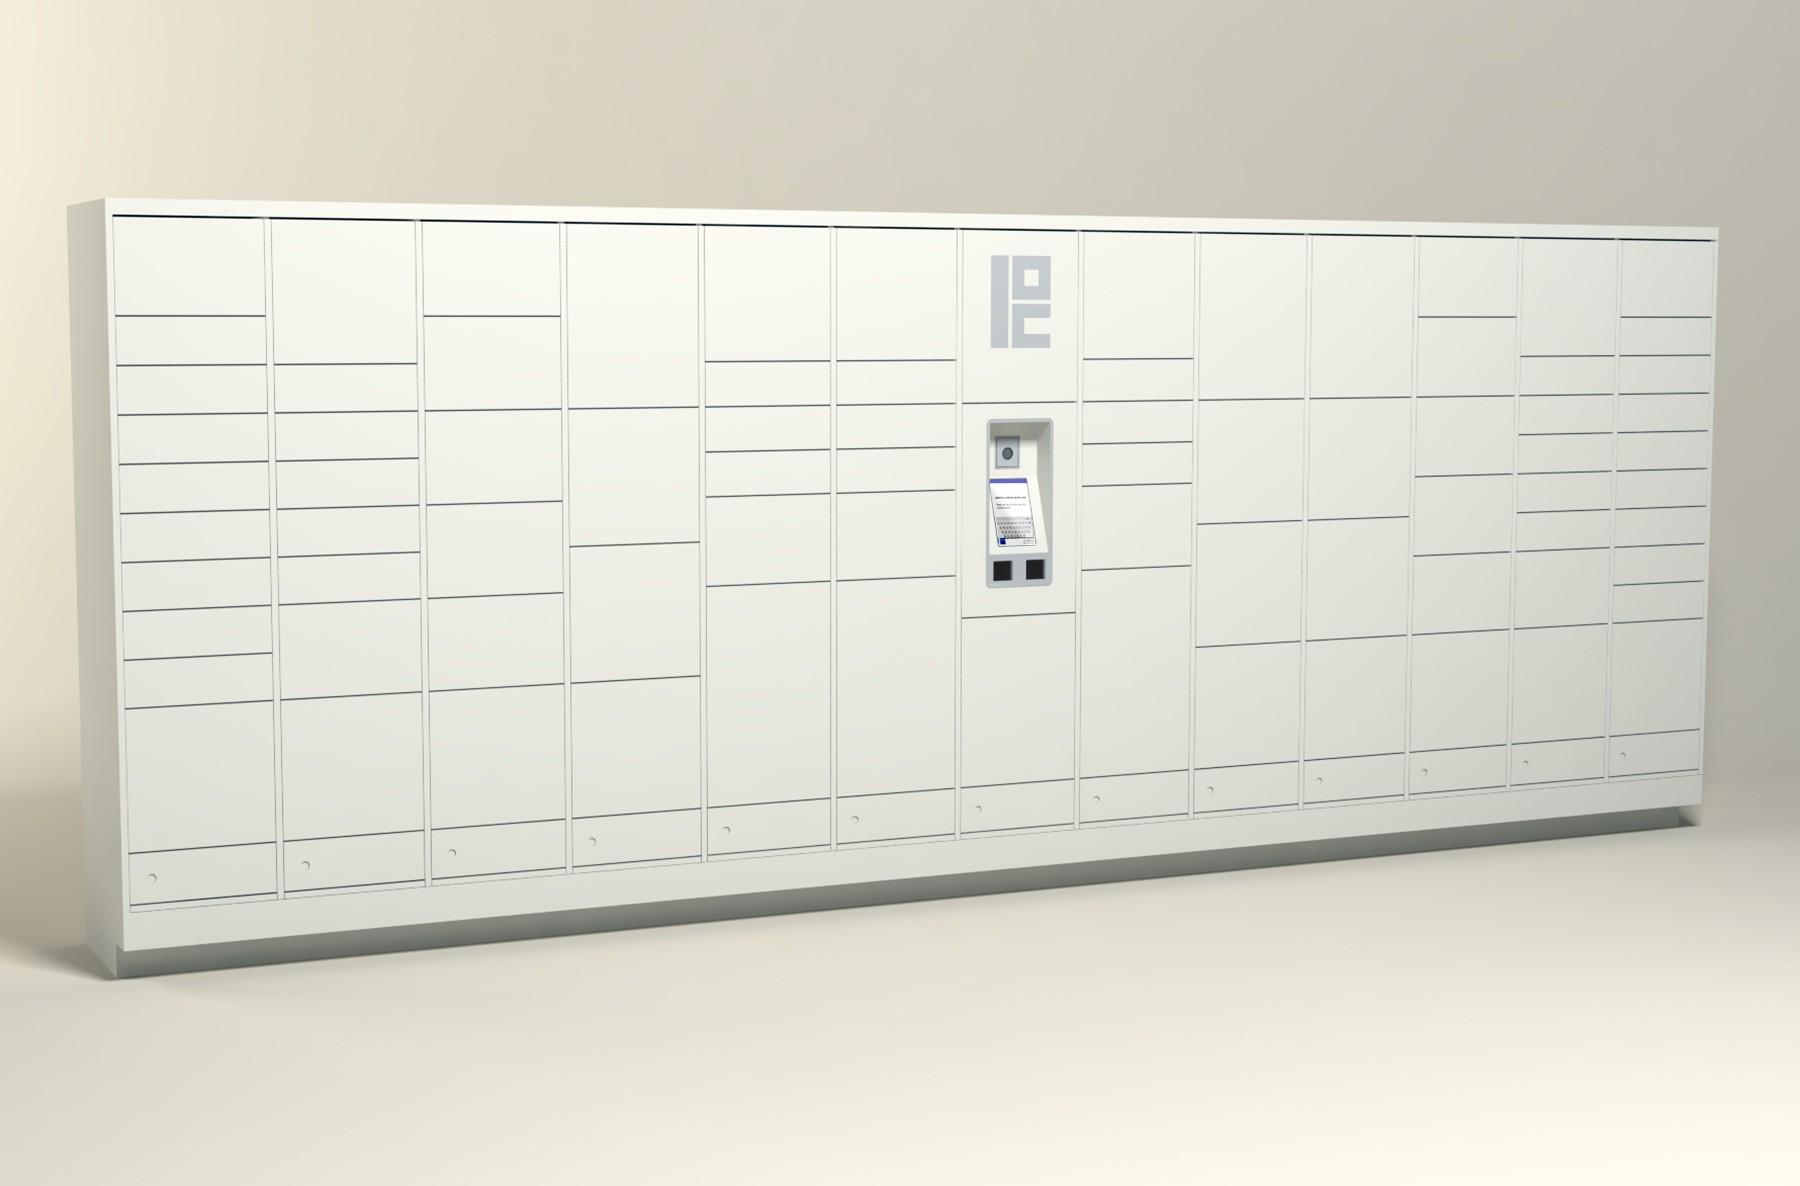 275 Unit - 80 Total Openings - Steel Smart Locker